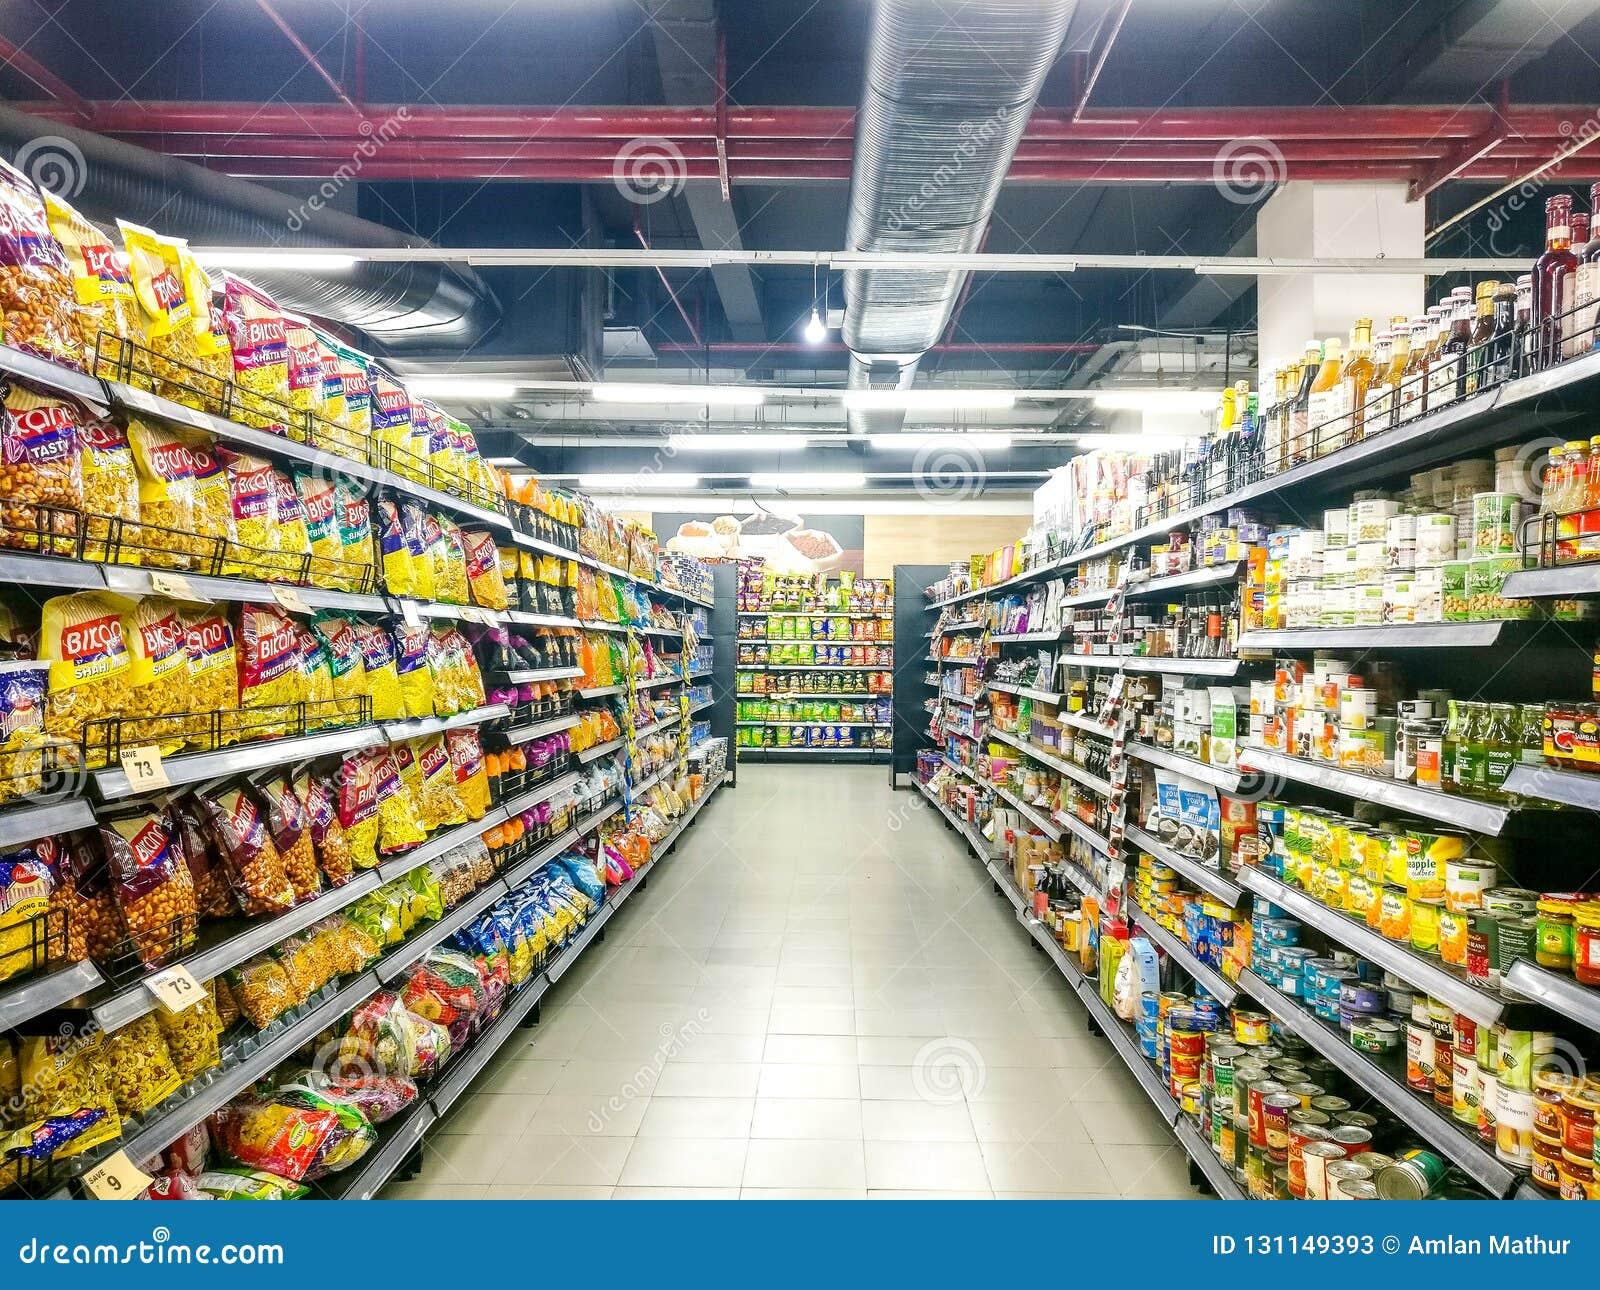 Foto Scaffali Supermercati.Scaffali Del Supermercato Riempiti Di Prodotti Della